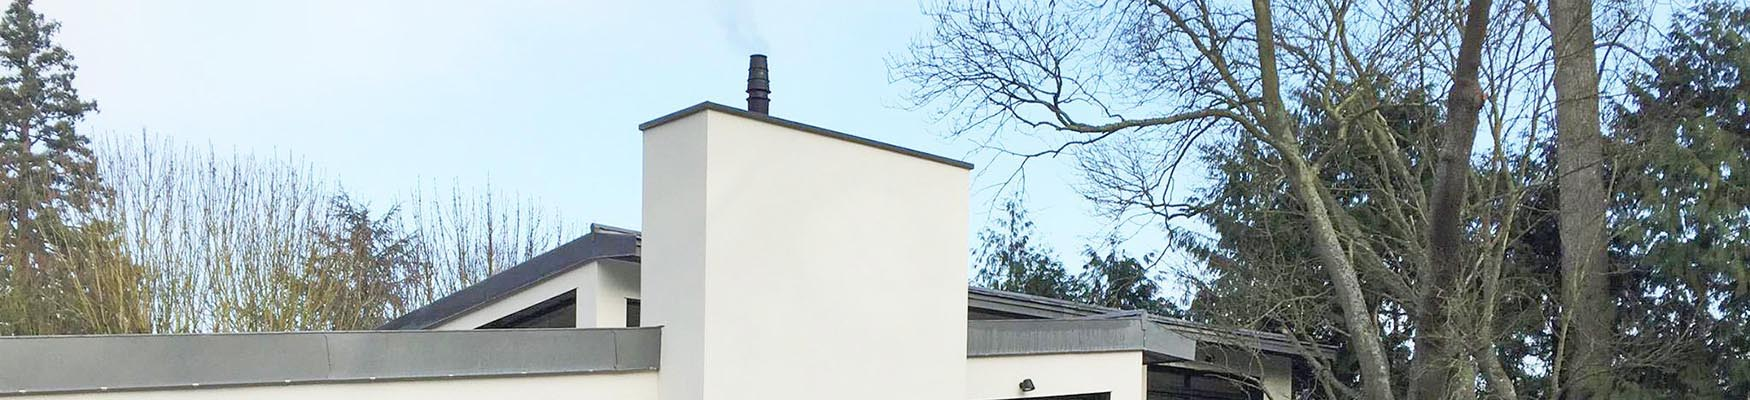 Maison ossature bois ravalement classique hauts de seine